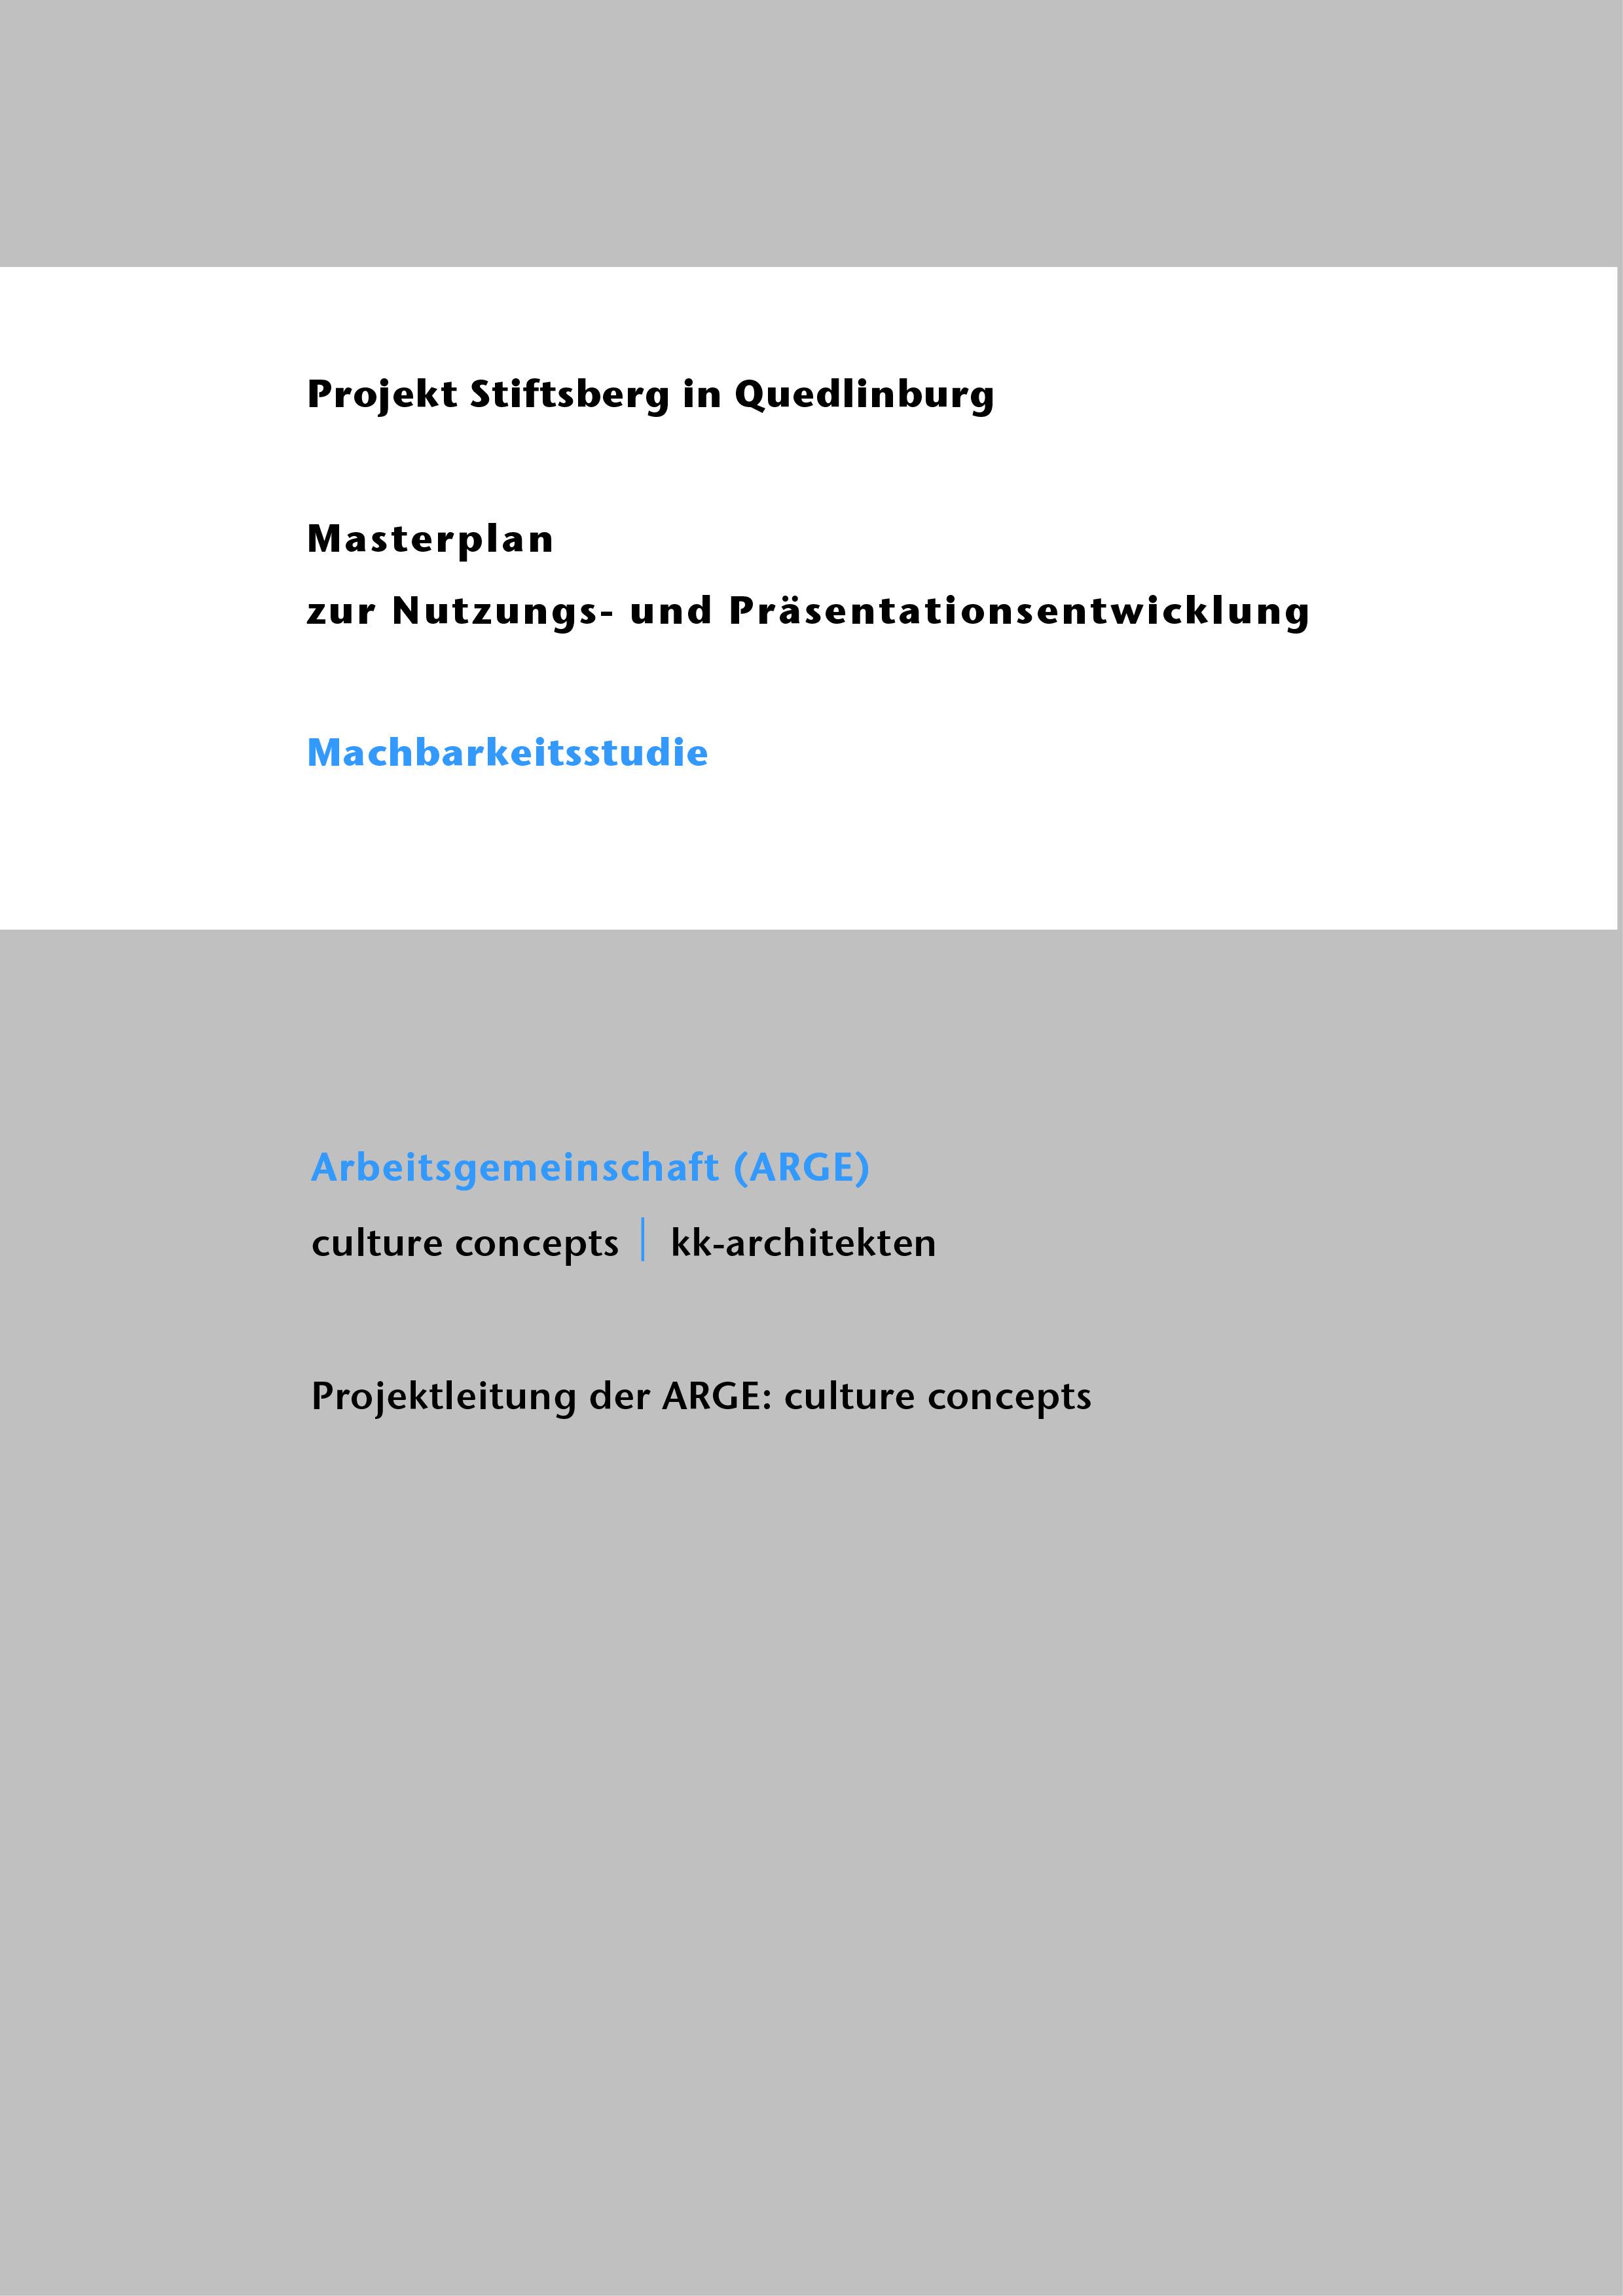 1_MBST QLB Stiftsberg TextDoku Finale Fassung-1.jpg